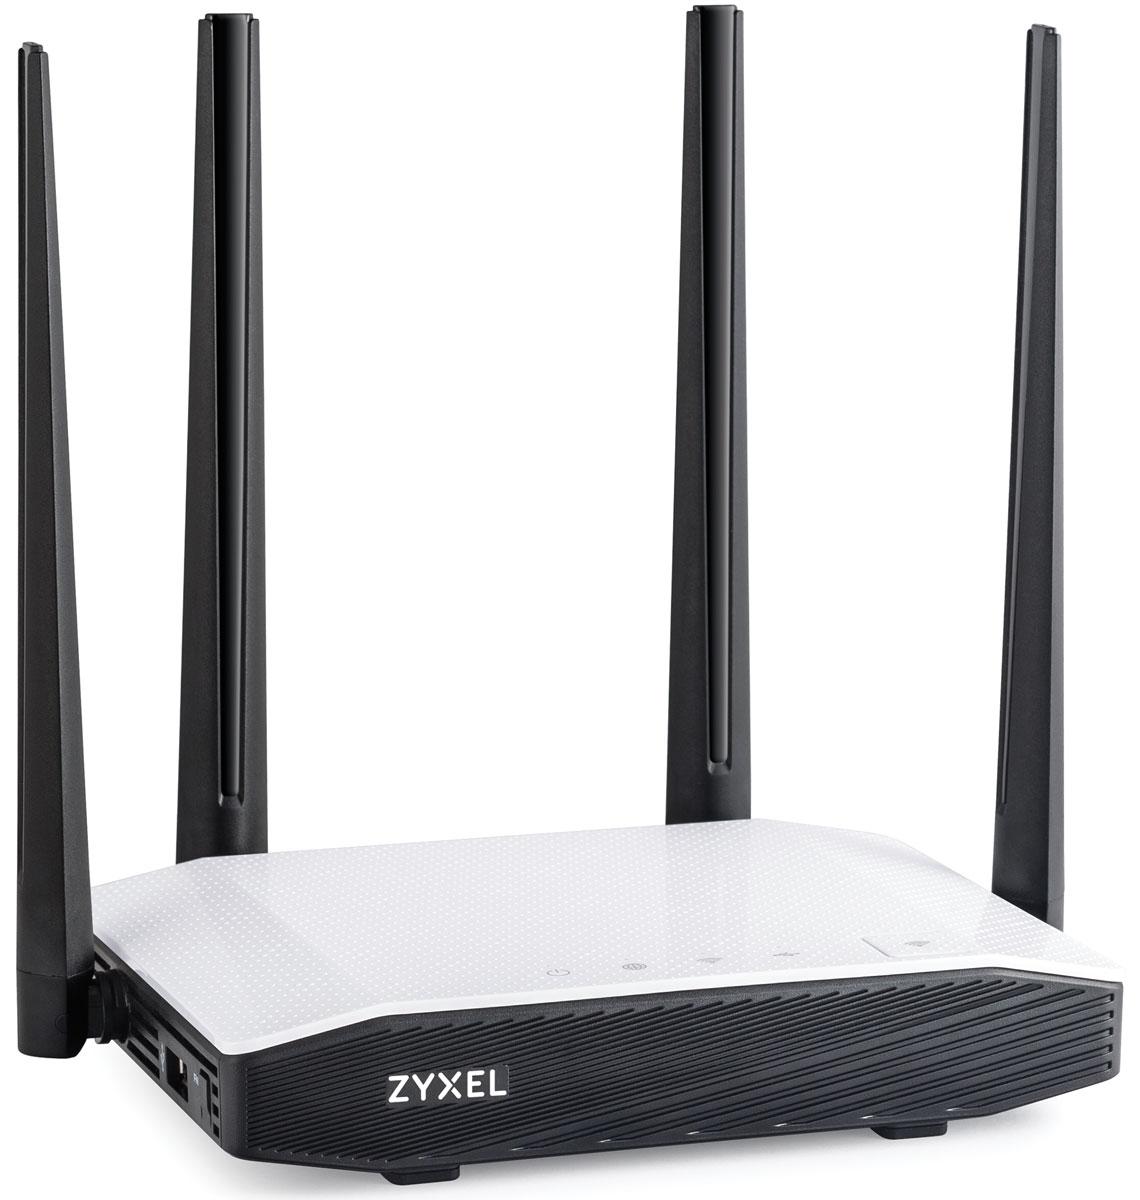 Zyxel Keenetic Extra II интернет-центрKEENETIC EXTRA IIИнтернет-центр Zyxel Keenetic Extra II для выделенной линии Ethernet с точкой доступа Wi-Fi AC1200, управляемым коммутатором Ethernet и многофункциональным хостом USB.Keenetic Extra II предназначен прежде всего для надежного полнофункционального подключения вашего дома к Интернету по выделенной линии Ethernet через провайдеров, использующих любые типы подключения: IPoE, PPPoE, PPTP, L2TP, 802.1X, VLAN 802.1Q, IPv4/IPv6. При этом он дает полную скорость по тарифам до 100 Мбит/с независимо от вида подключения и характера нагрузки.Keenetic Extra II работает с десятками популярных USB-модемов мобильного Интернета от всех операторов связи. В случае сбоя связи через сотовую сеть или зависания модема интернет-центр автоматически перезапустит подключение (предварительно перезагрузив модем по питанию) без участия пользователя. Поддержка скоростных режимов CDC-Ethernet и NDIS обеспечивает Keenetic Extra II возможность работы в сотовых сетях на скорости до 150 Мбит/с.Иногда вам может потребоваться подключить существующую домашнюю сеть к Интернету, предоставляемому по Wi-Fi. Это может быть провайдерский хот-спот Wi-Fi, сеть Wi-Fi вашего соседа, открытая сеть какого-то кафе находящегося поблизости или резервное подключение к мобильной точке доступа в смартфоне при сбое у основного провайдера. Режим WISP покажет список доступных сетей Wi-Fi и поможет подключиться к нужной из них.Если вы путешествуете с множеством гаджетов, режим WISP будет удобен для подключения к сети Wi-Fi в гостинице. Keenetic Extra II подключается к Wi-Fi сети гостиницы, а все мобильные устройства к его предварительно настроенной, защищенной сети Wi-Fi.Благодаря операционной системе NDMS 2 с помощью Keenetic Extra II вы можете организовать подключение любыми описанными выше способами к нескольким провайдерам одновременно, расставив приоритеты и включив непрерывную проверку наличия доступа в Интернет. При сбое в сети основного провайдера интернет-центр авт